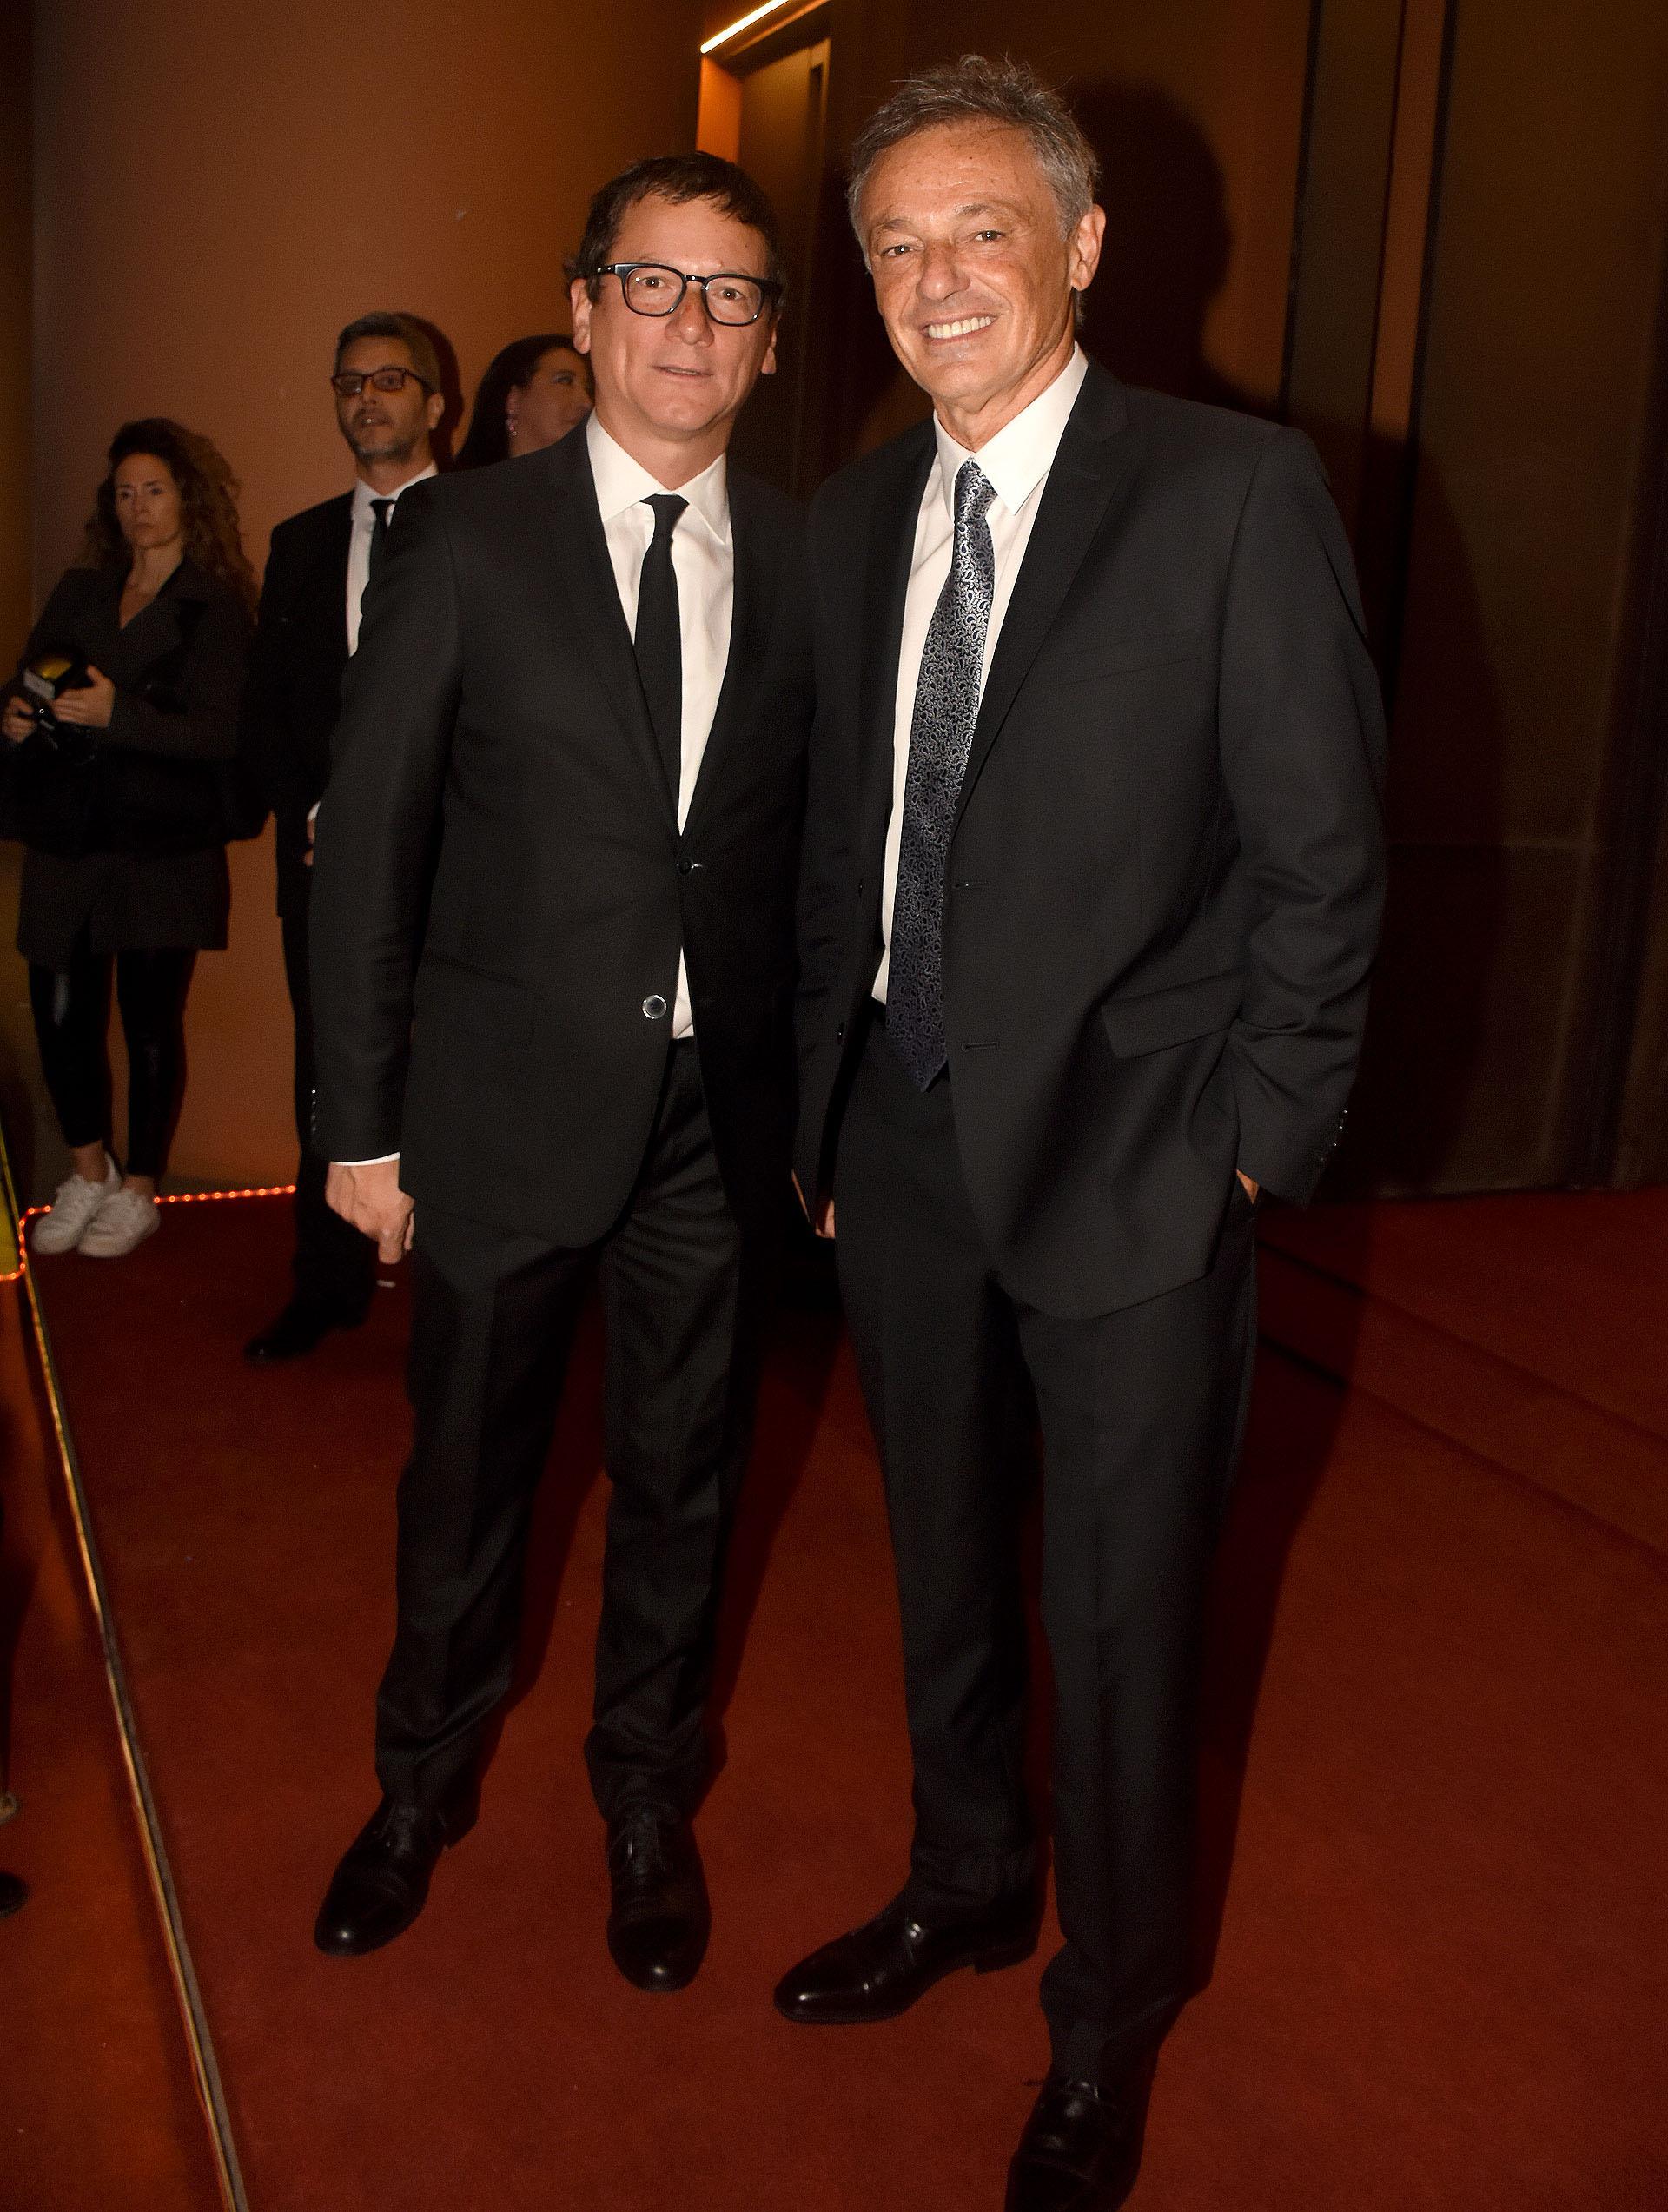 Gabriel Martino, presidente de HSBC Argentina, y Francisco Cabrera, ex ministro de Producción